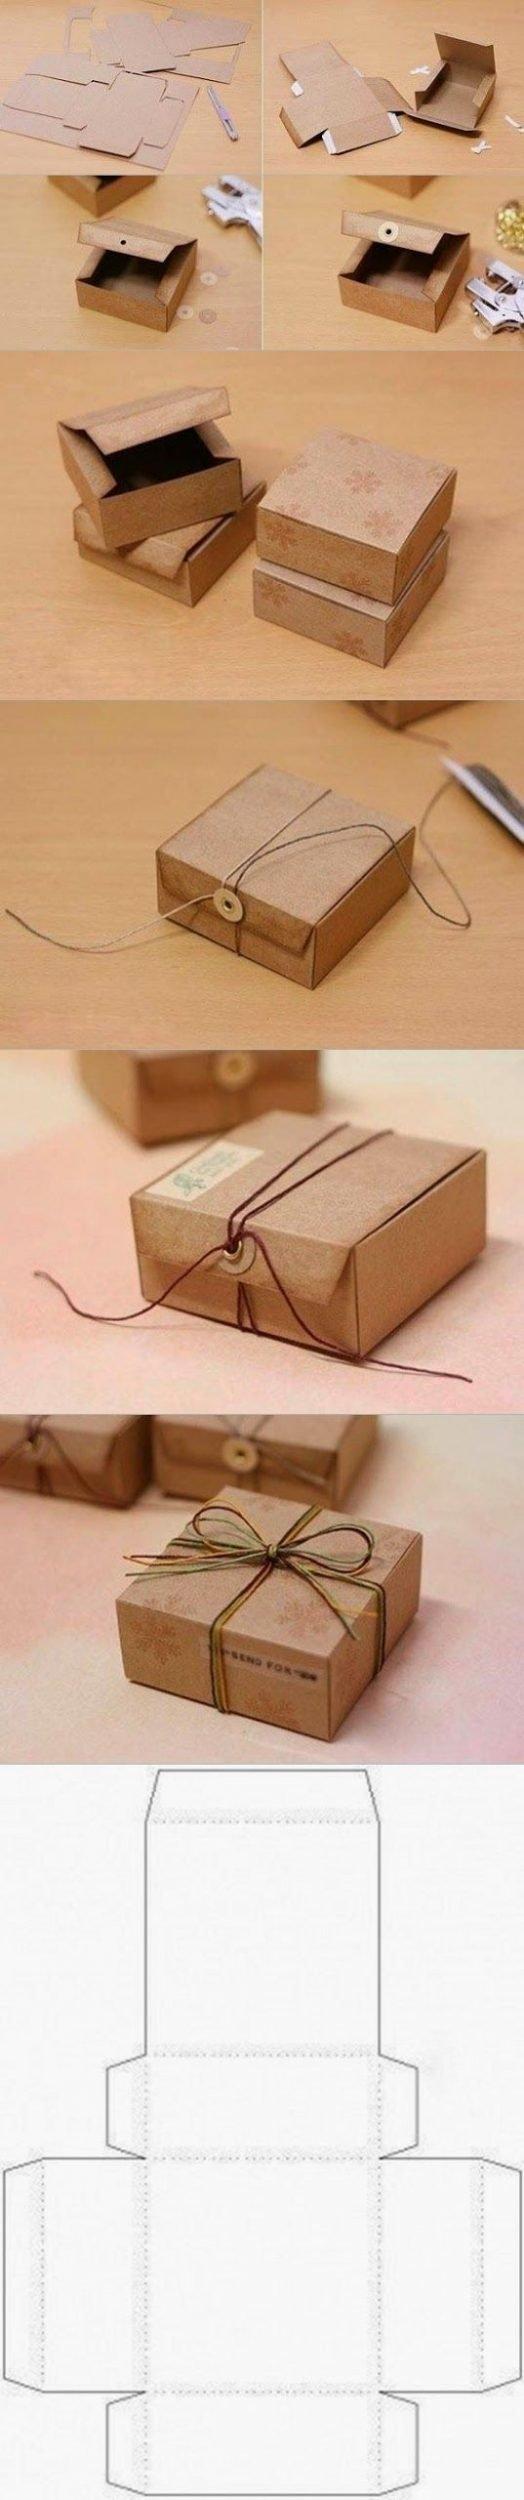 schachtel falten f r kleine geschenke basteln 31 diy. Black Bedroom Furniture Sets. Home Design Ideas